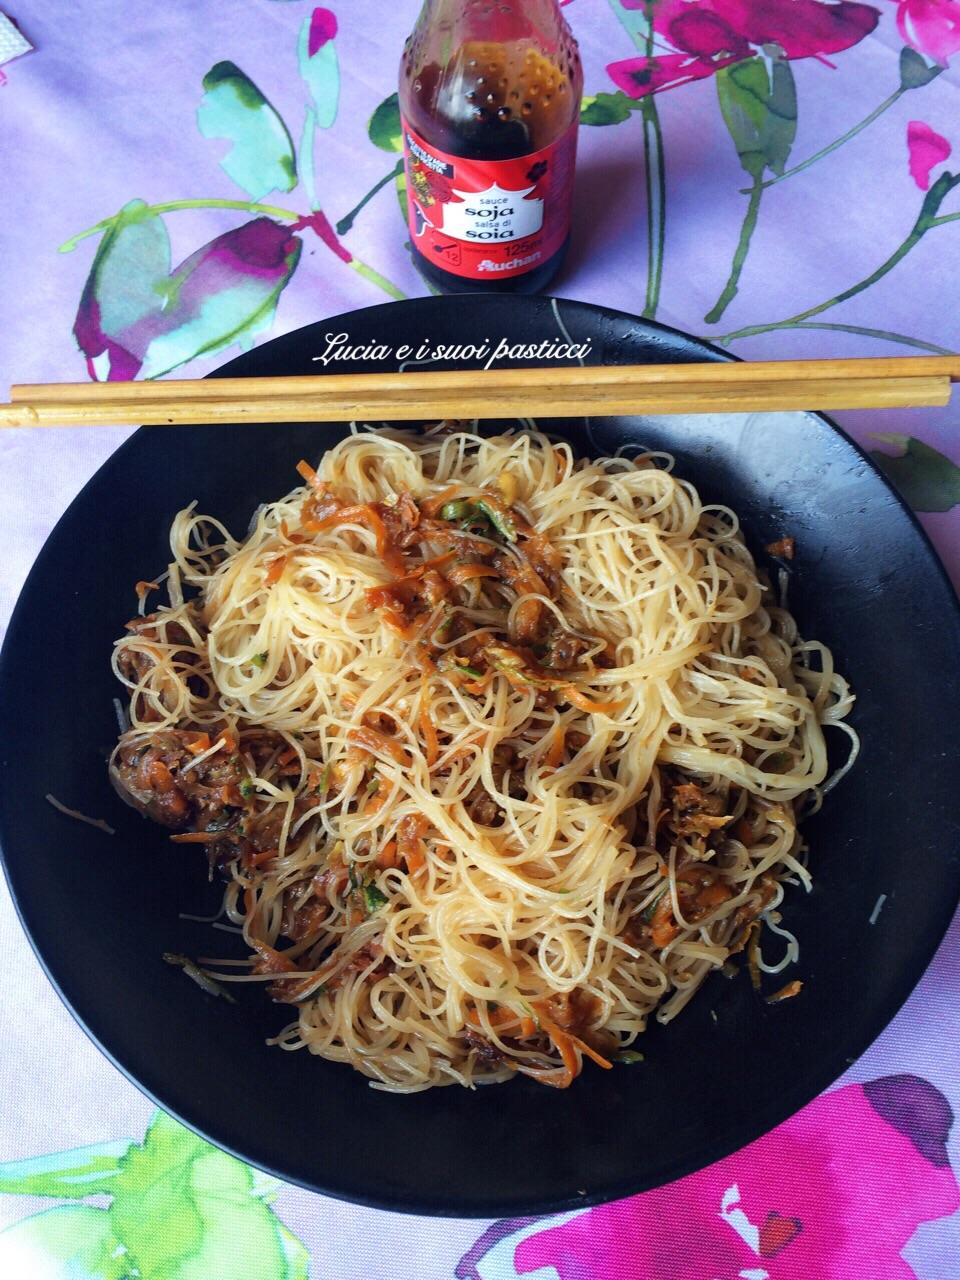 Spaghetti di soia con verdure croccanti   Lucia e i suoi pasticci